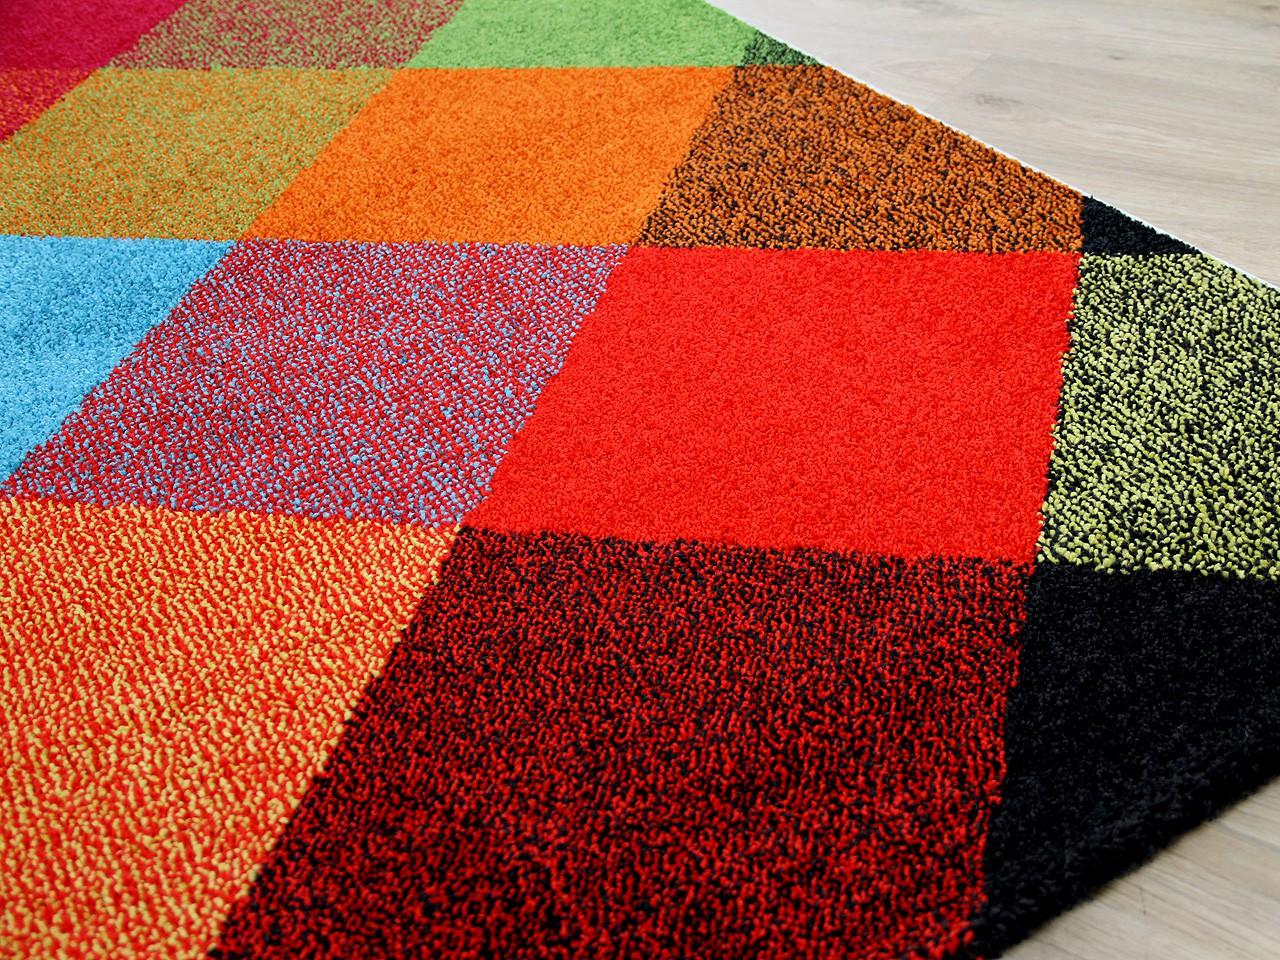 Designer Teppich Funky Karo Bunt Teppiche Designerteppiche